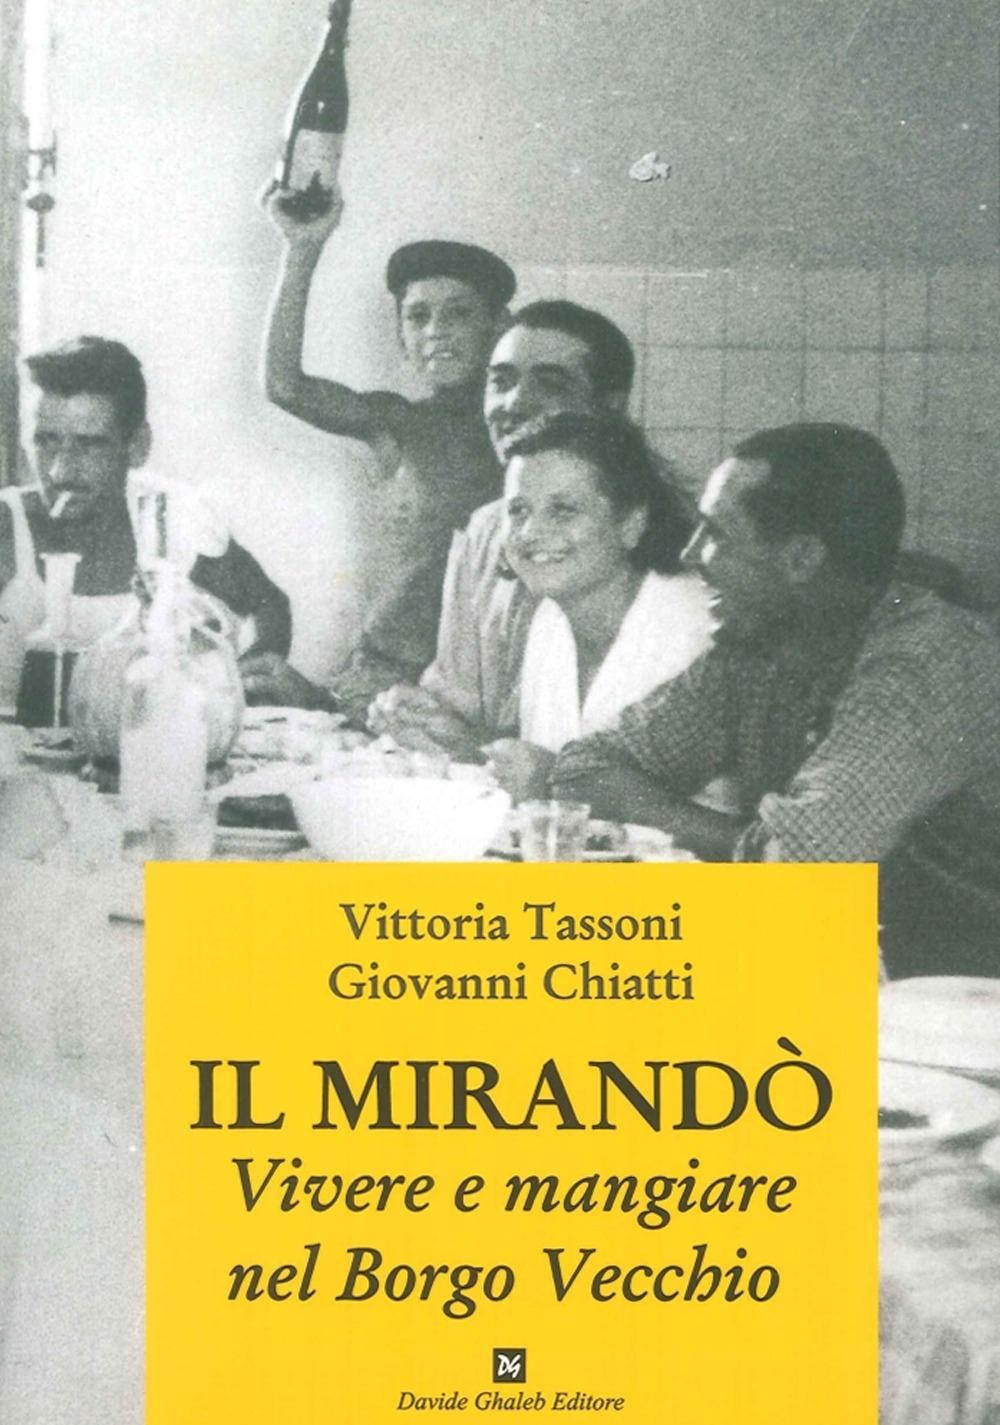 Il Mirandò. Vivere e Mangiare nel Borgo Vecchio.